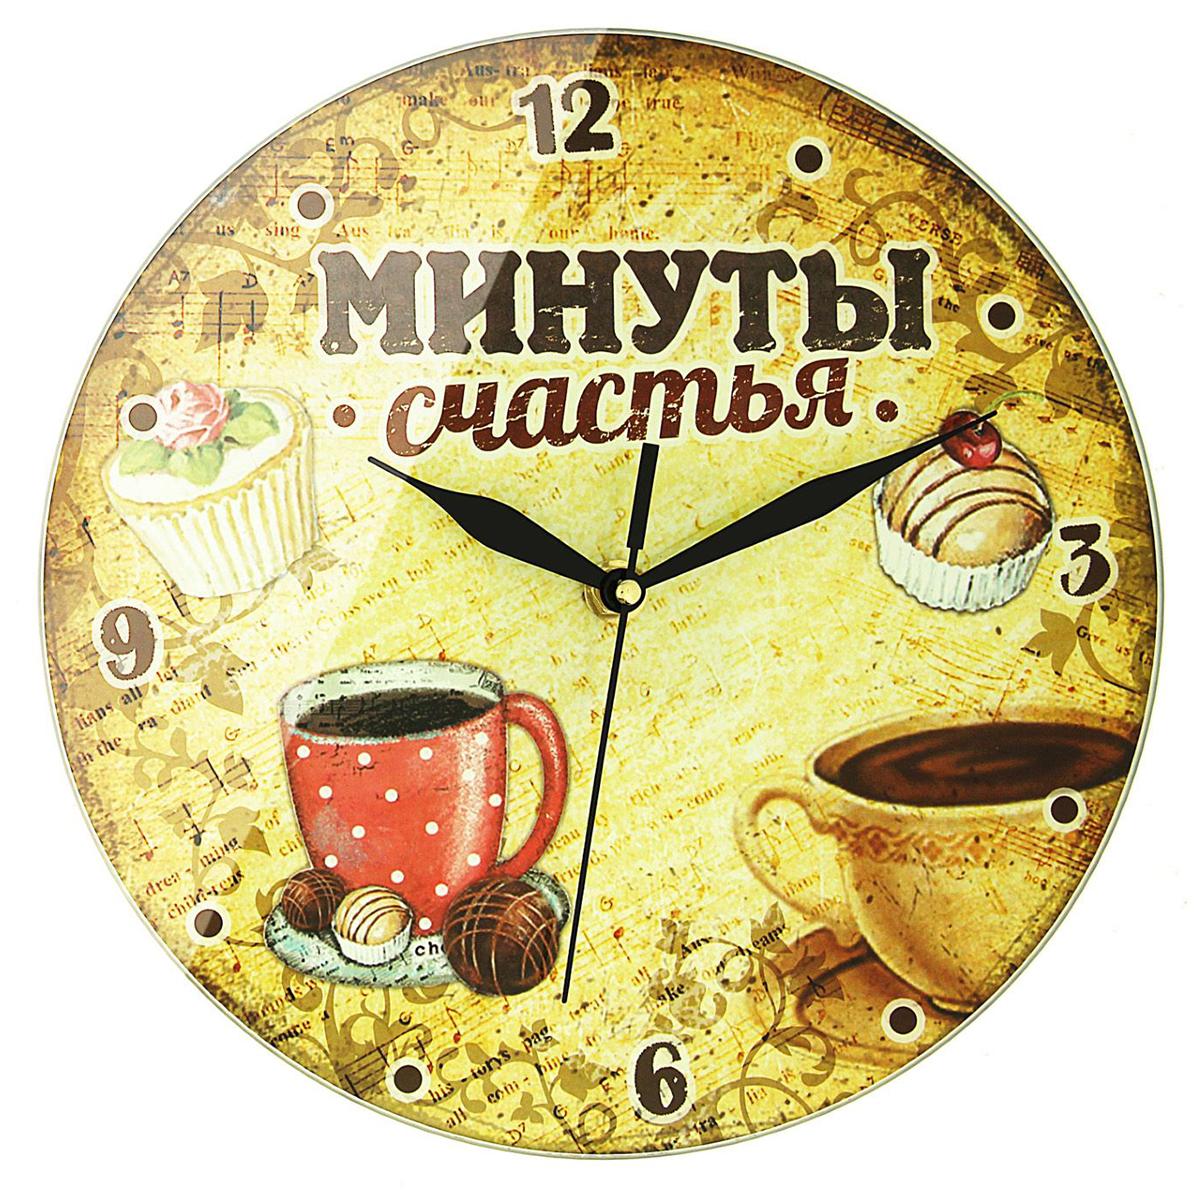 Часы настенные Минуты счастья, диаметр 25 см133318Часы уже давно перестали быть только средством для отслеживания времени. Они также являются популярным способом создания уюта в доме. Зачастую настенные часы занимают центральное место, находясь всегда на виду. Часы настенные Минуты счастья, d = 25 см из стекла сделают интерьер более насыщенным и интересным, будут отлично смотреться в детской, гостиной, на кухне ? где угодно! Все зависит только от Вашего настроения и фантазии! А эксклюзивный красочный дизайн зарядит позитивом всех вокруг. Часы работают от батареек типа АА (в комплект не входят).Часы настенные Минуты счастья,диам 25 см 133318